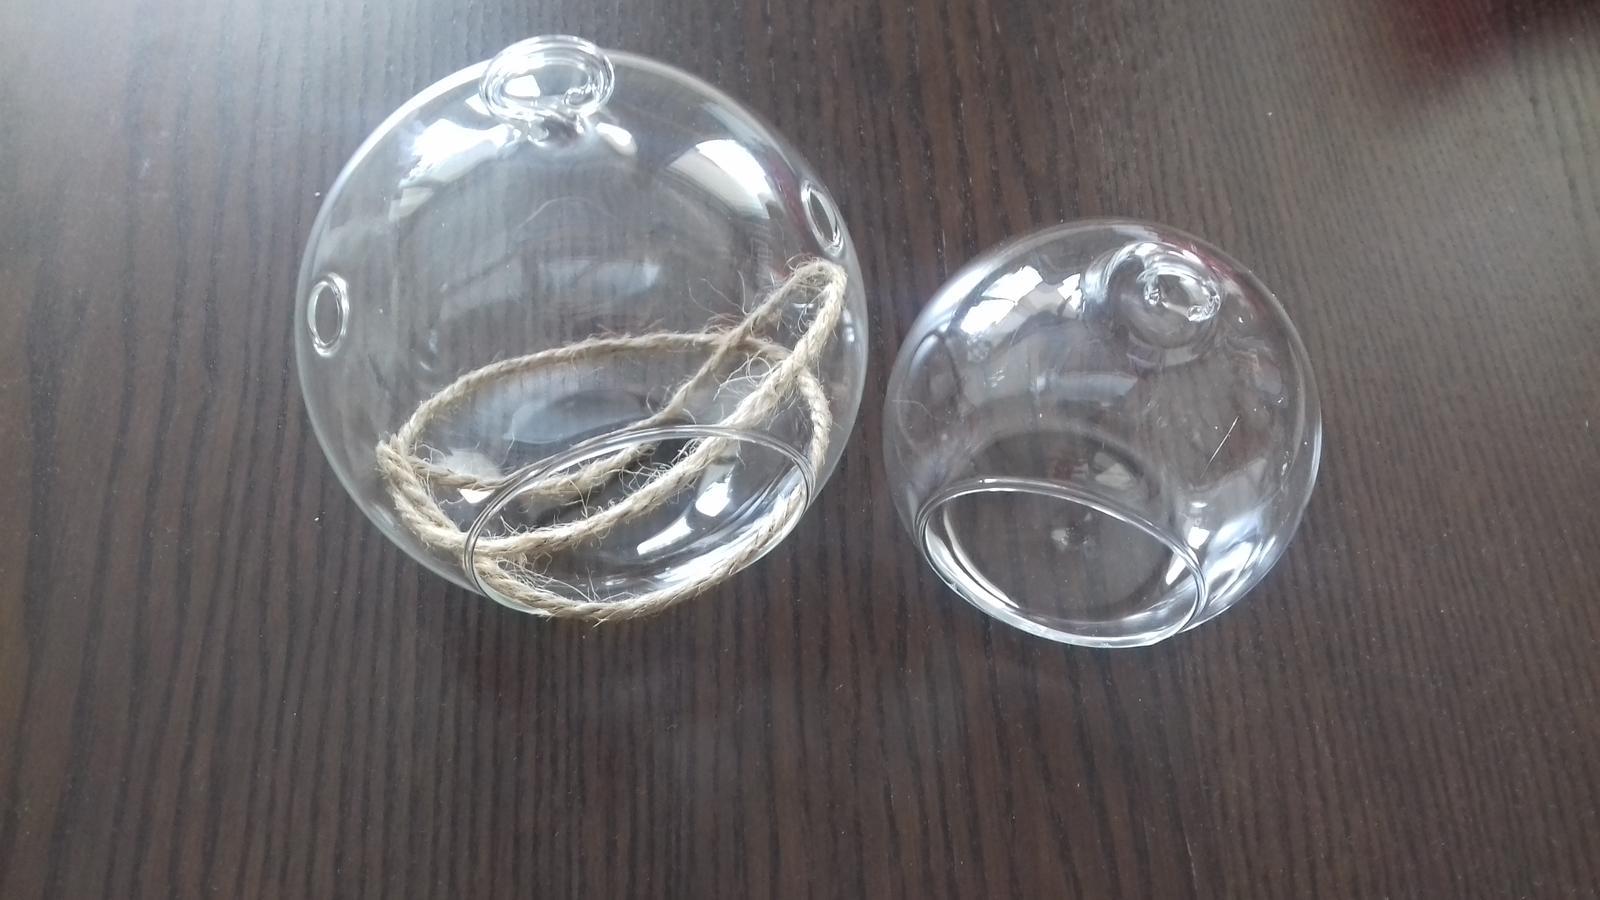 Skleněné koule průměr 10 a 8 cm - Obrázek č. 1